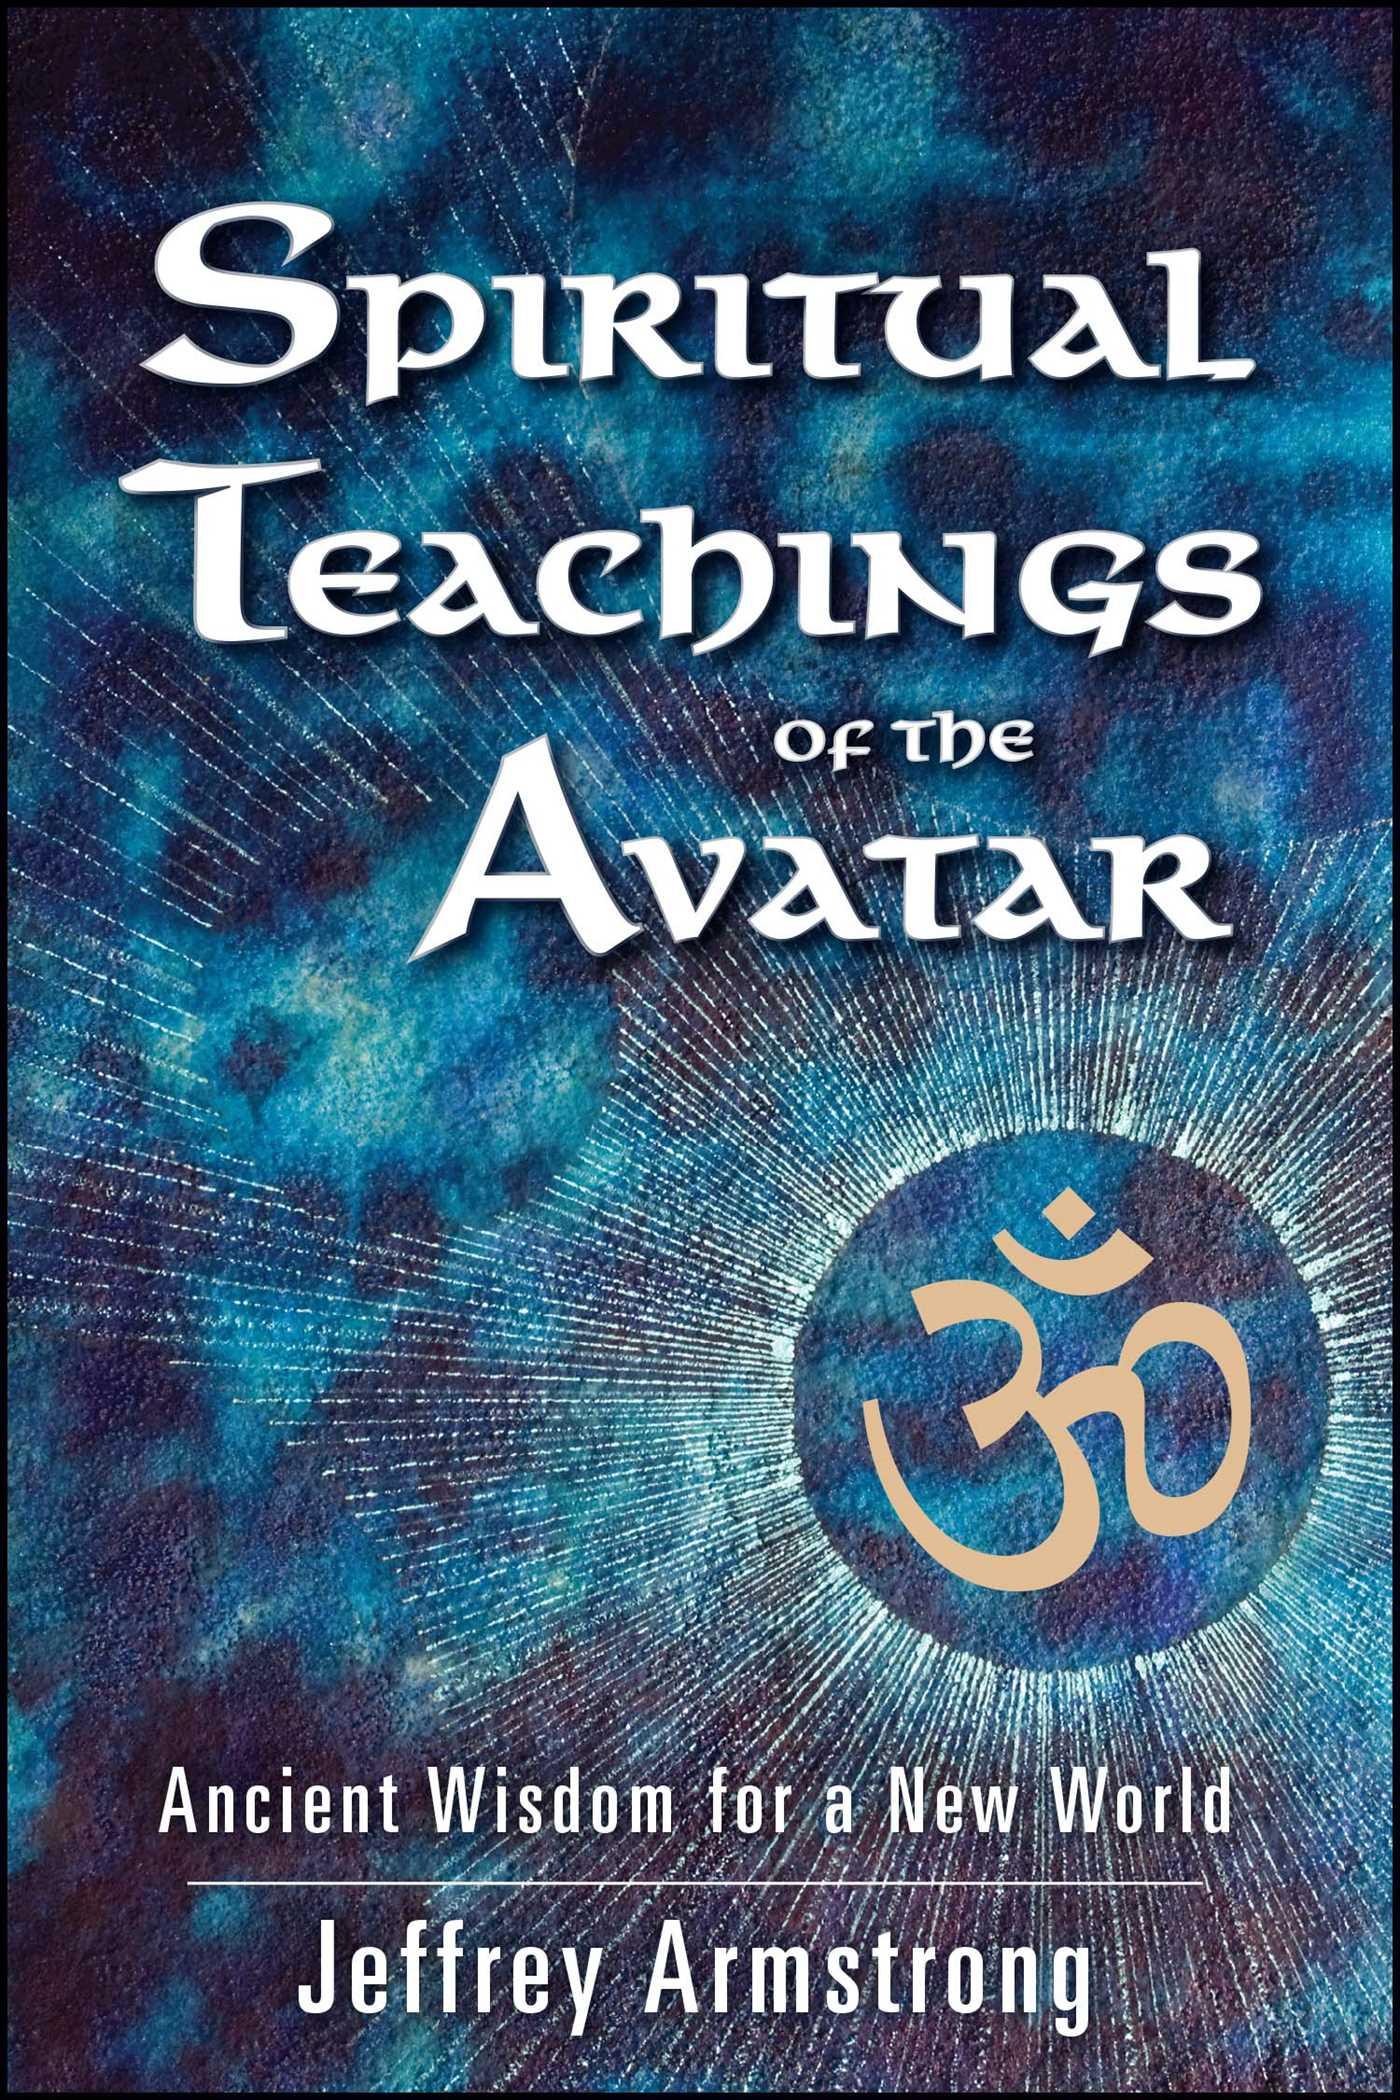 Spiritual teachings of the avatar 9781439197028 hr